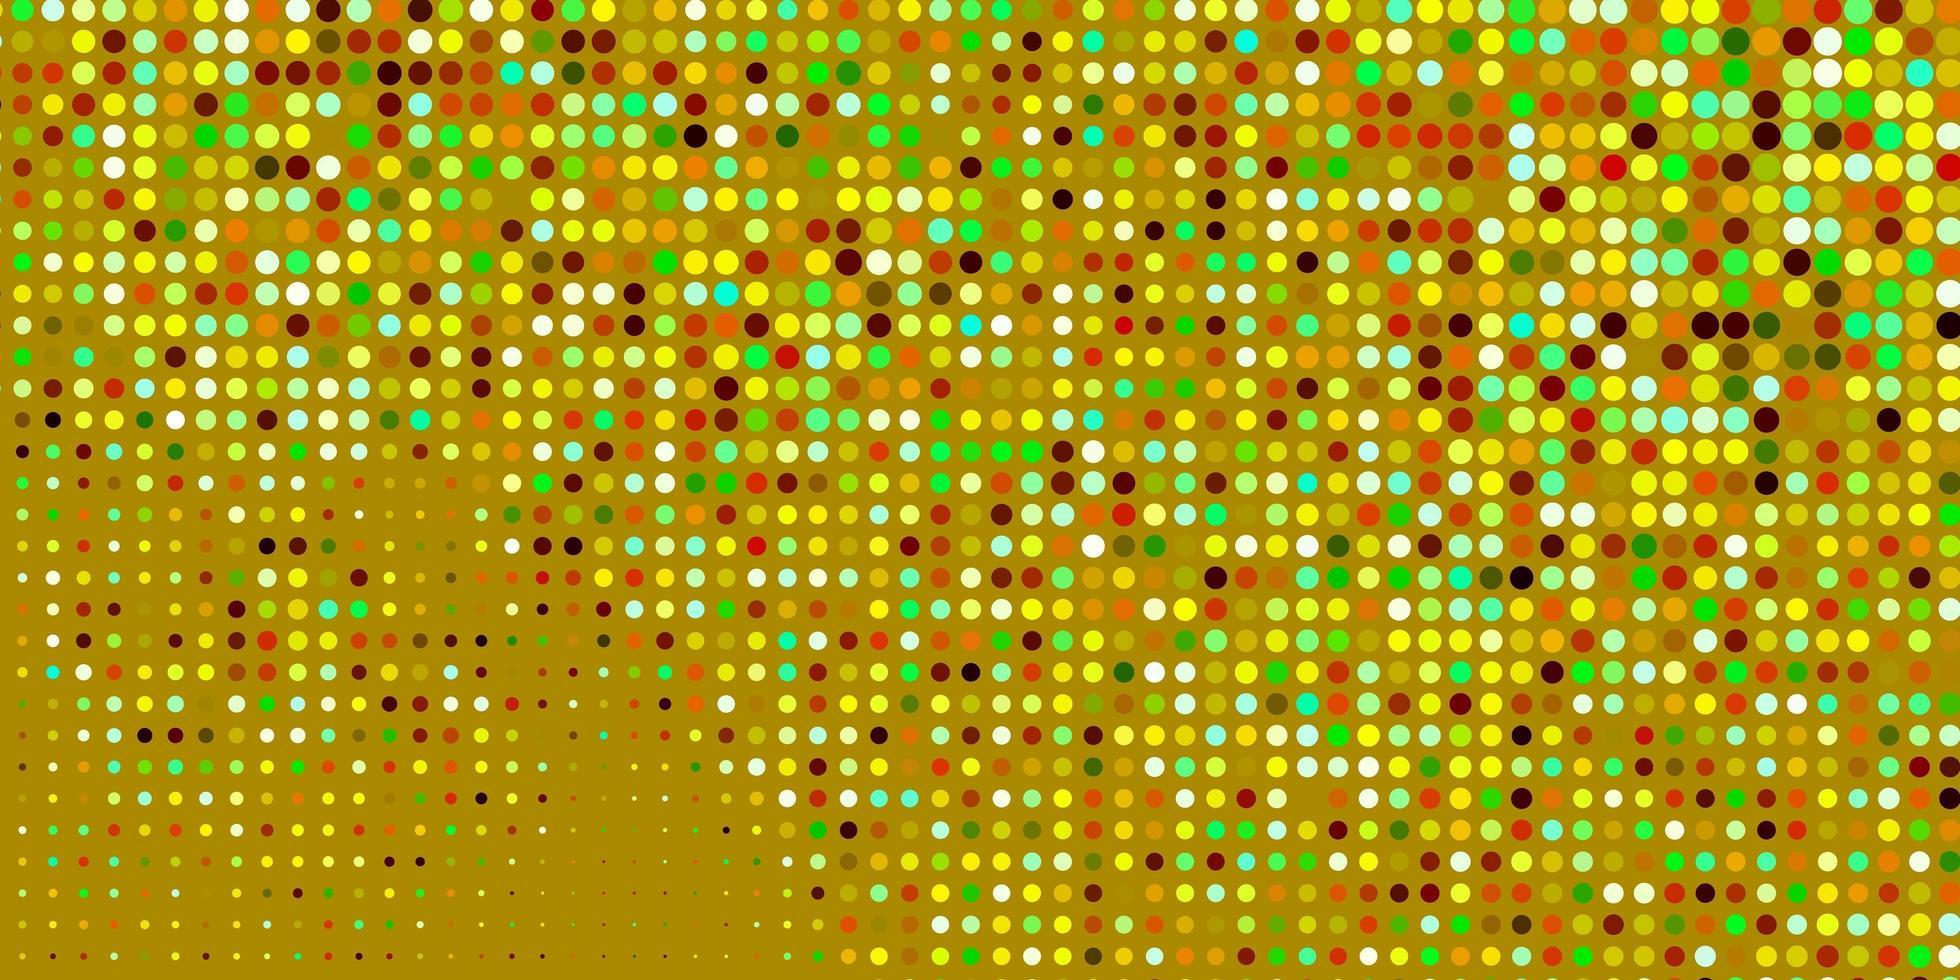 hellgrüner Hintergrund mit Flecken. vektor